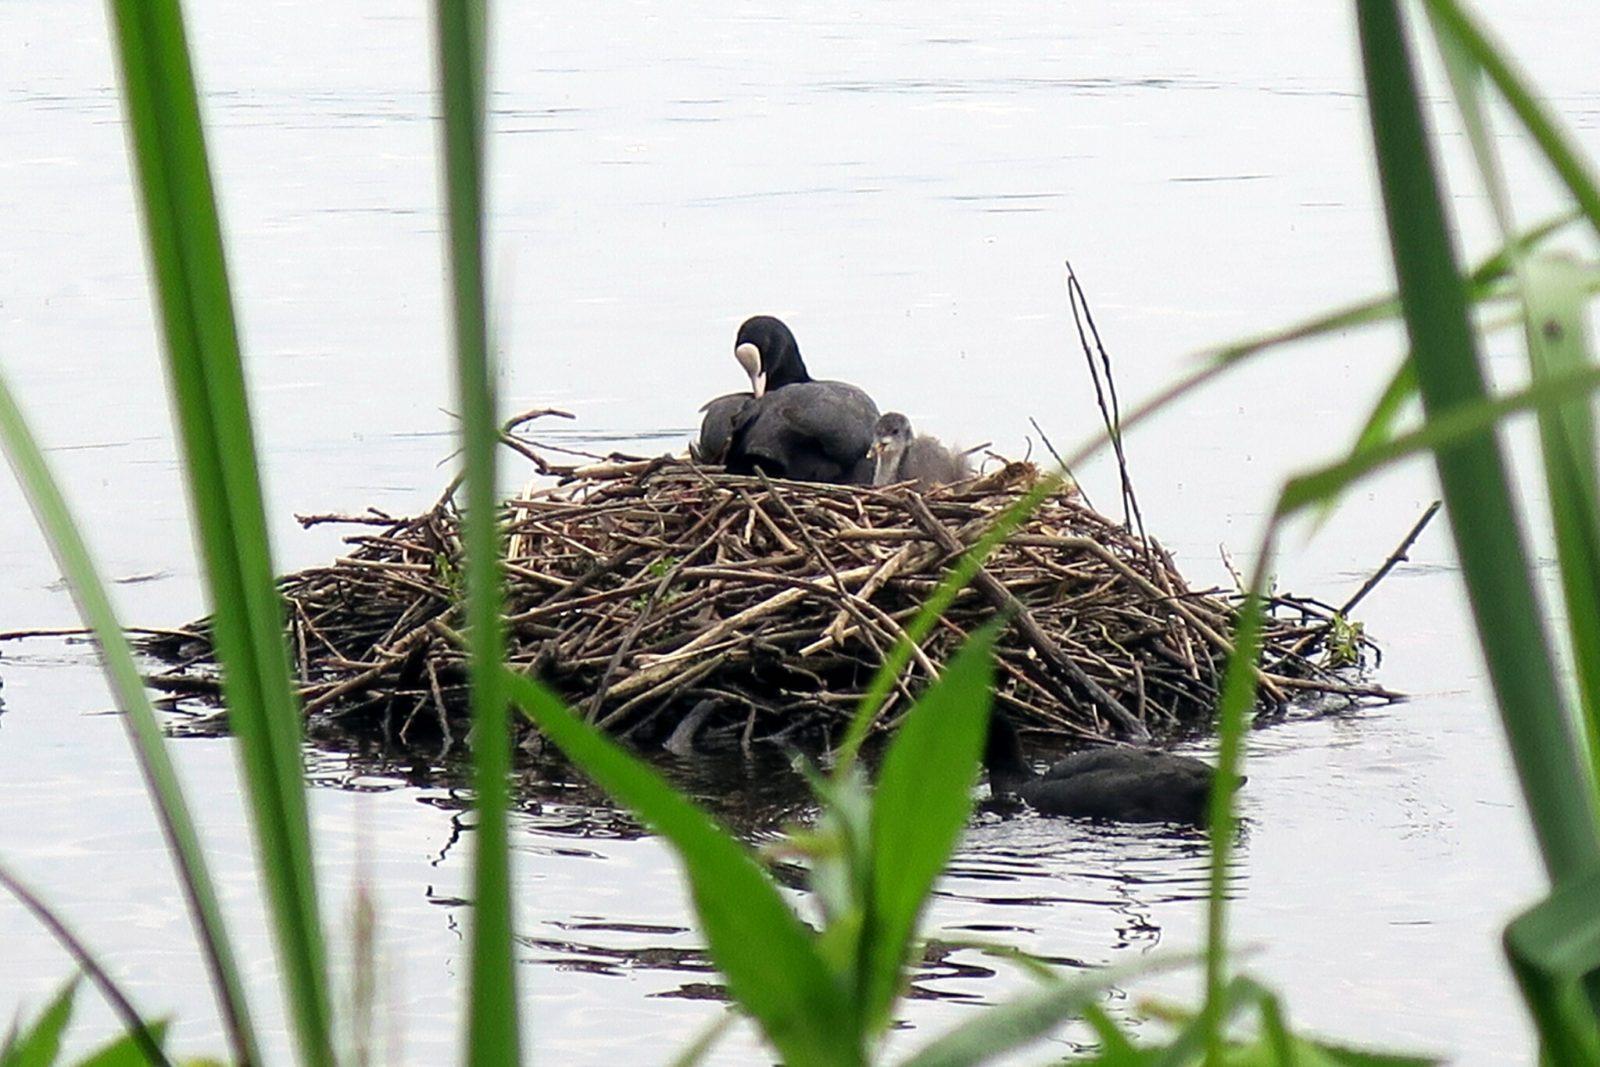 Vogelnest im Wasser